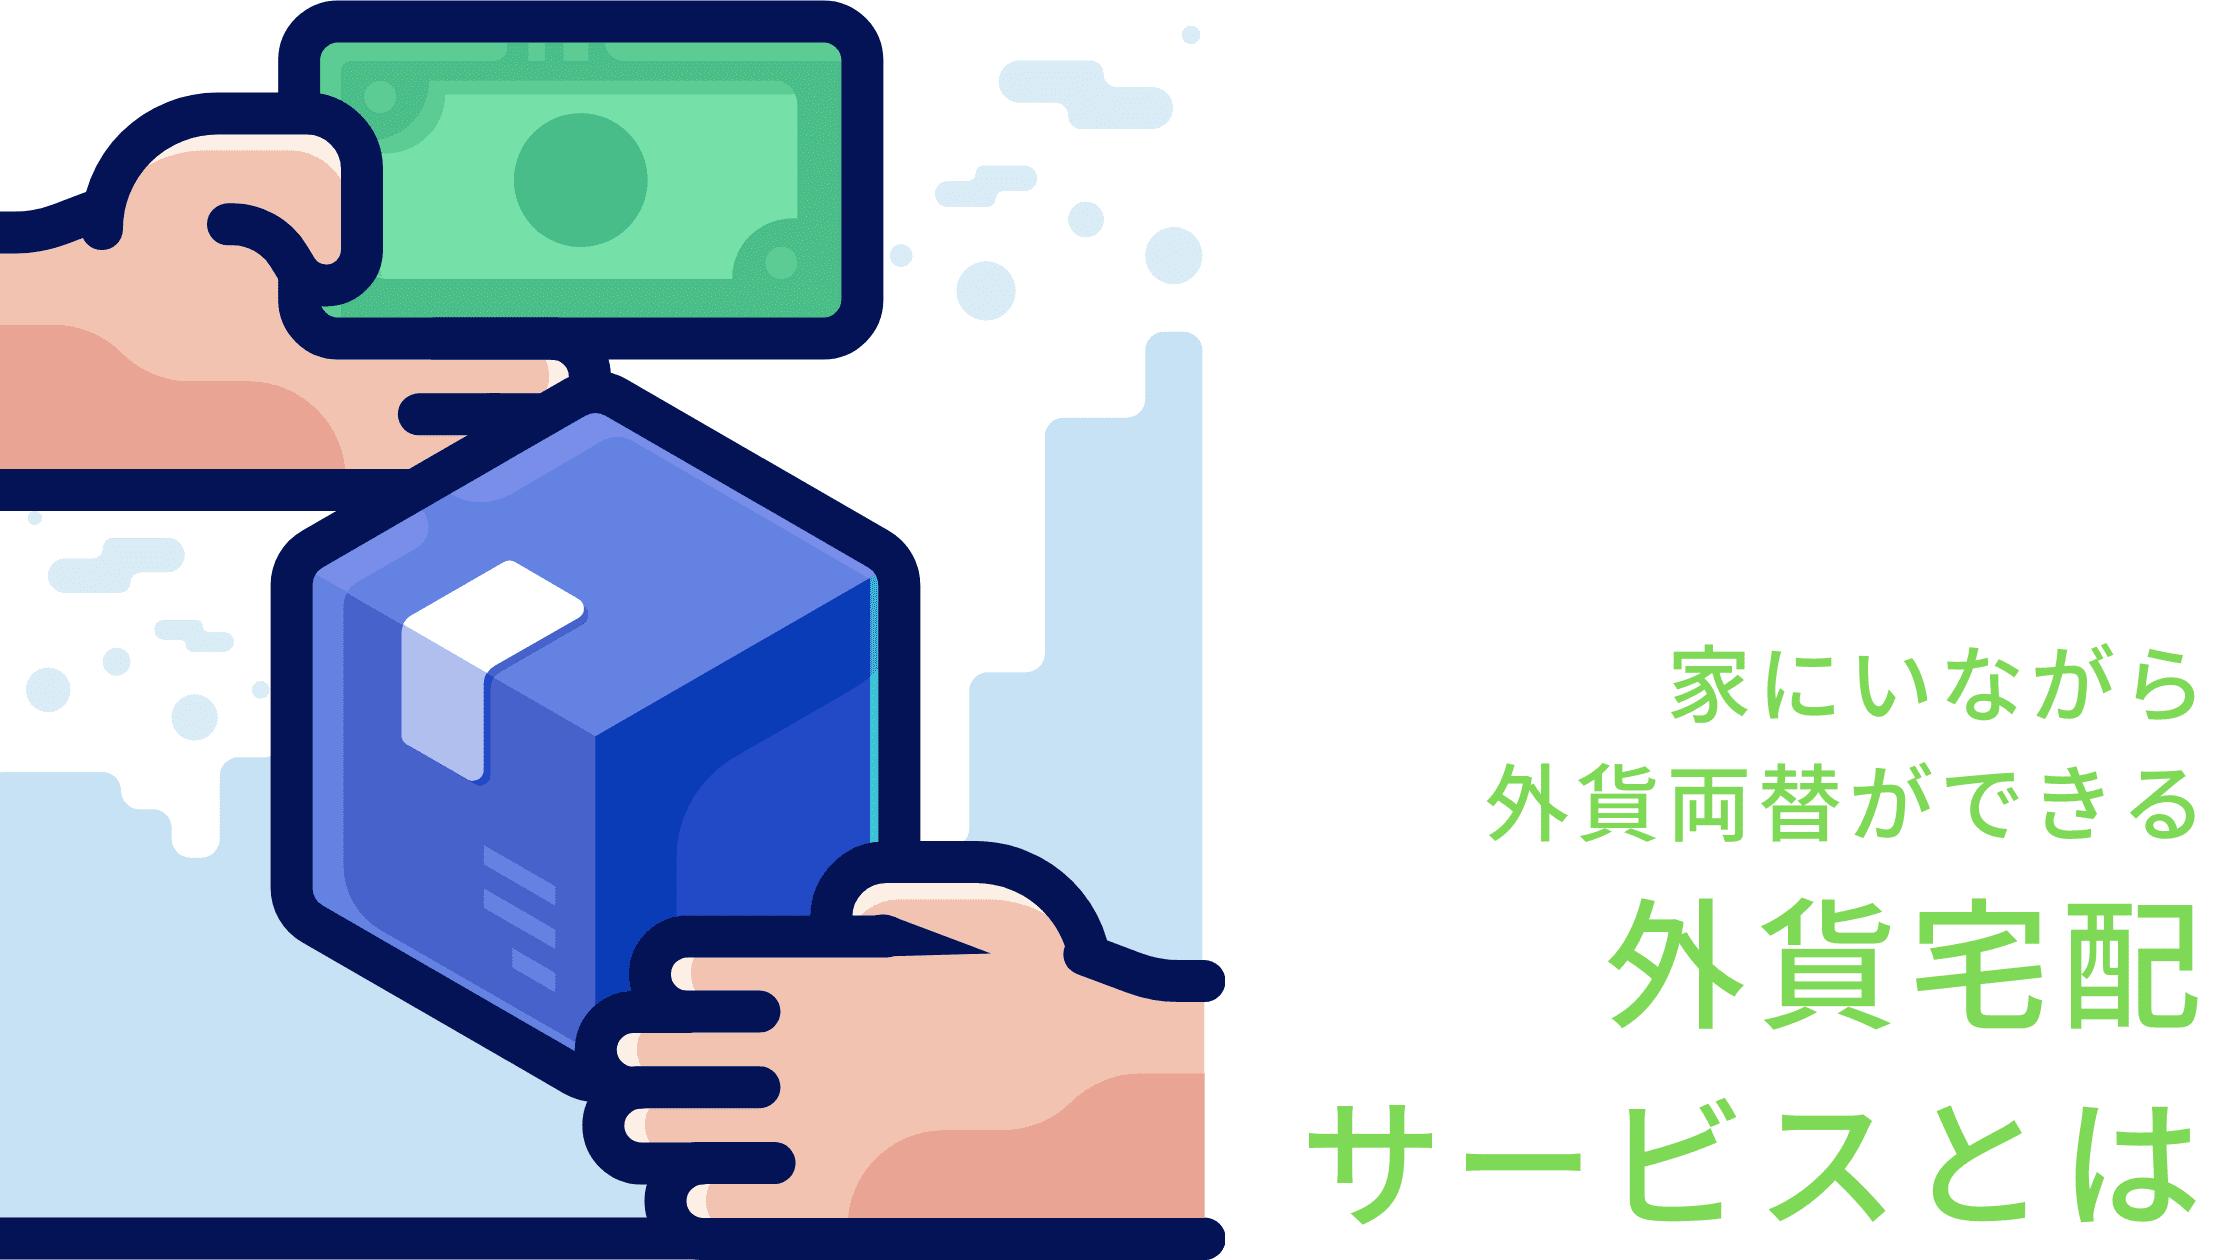 家にいながら外貨両替ができる外貨宅配サービスとは?